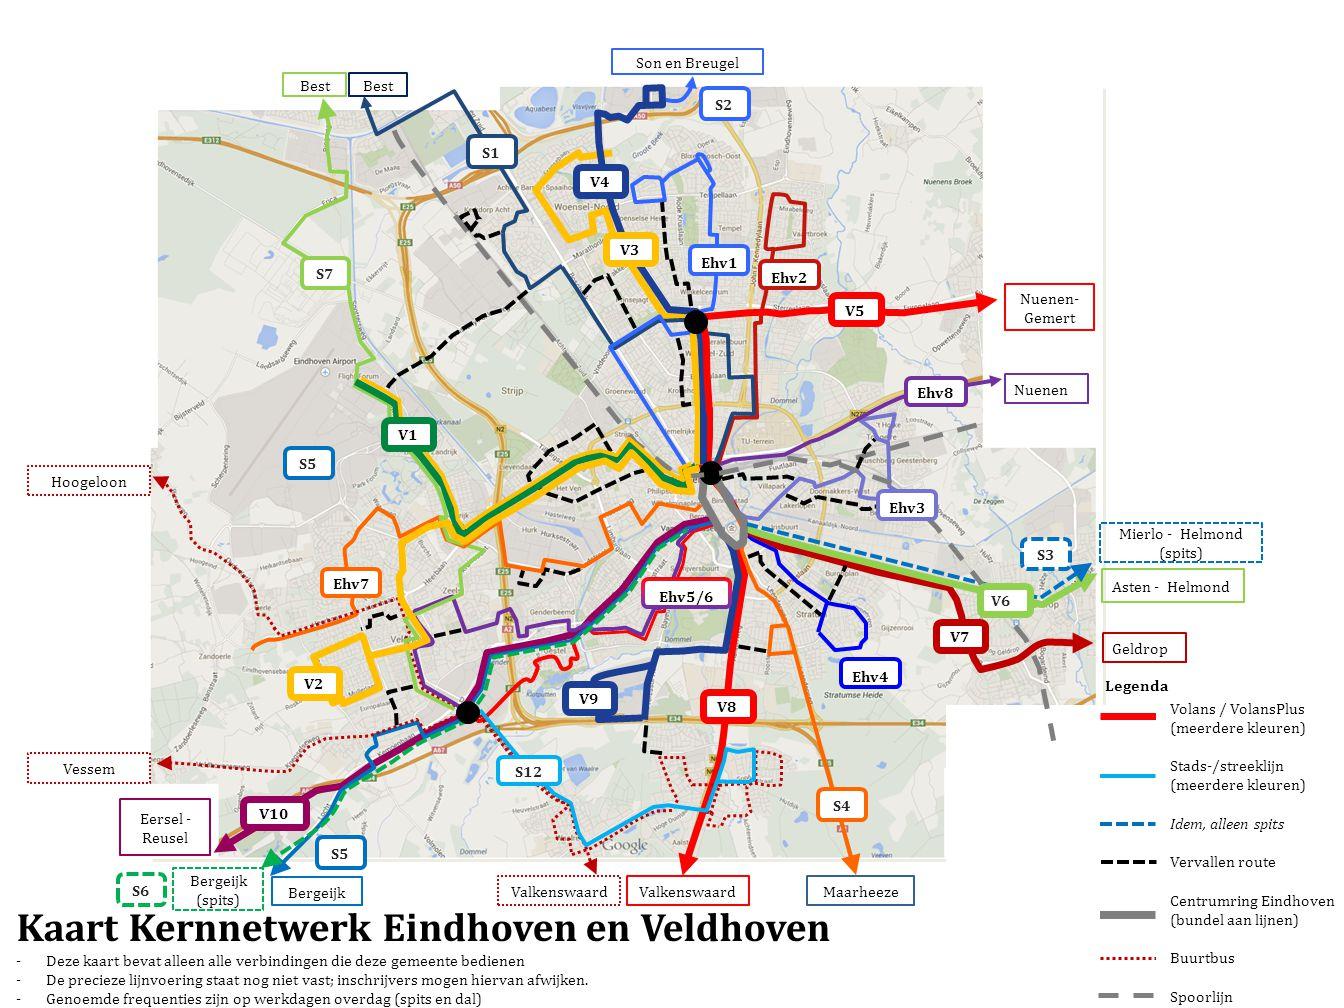 Kaart Kernnetwerk Eindhoven en Veldhoven -Deze kaart bevat alleen alle verbindingen die deze gemeente bedienen -De precieze lijnvoering staat nog niet vast; inschrijvers mogen hiervan afwijken.